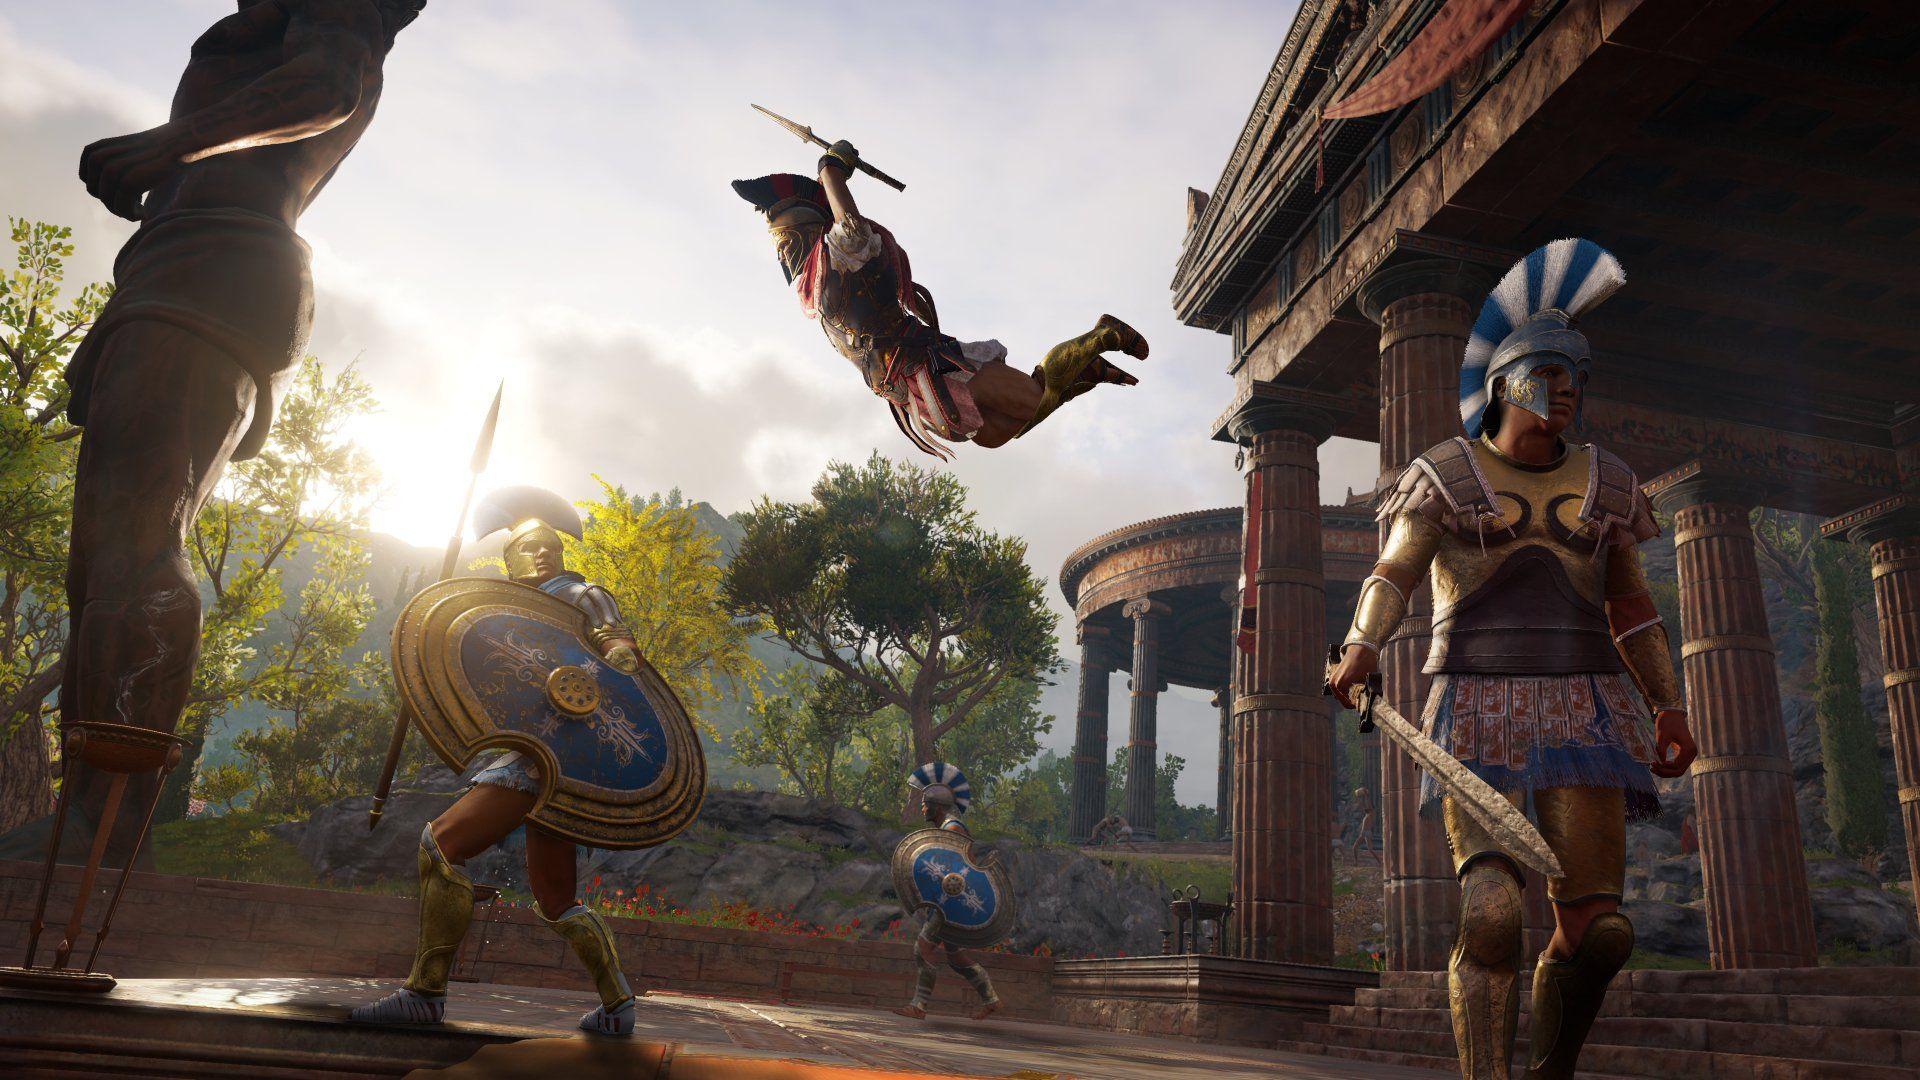 Ubicación armas legendarias de Assassin's Creed Odyssey img 1